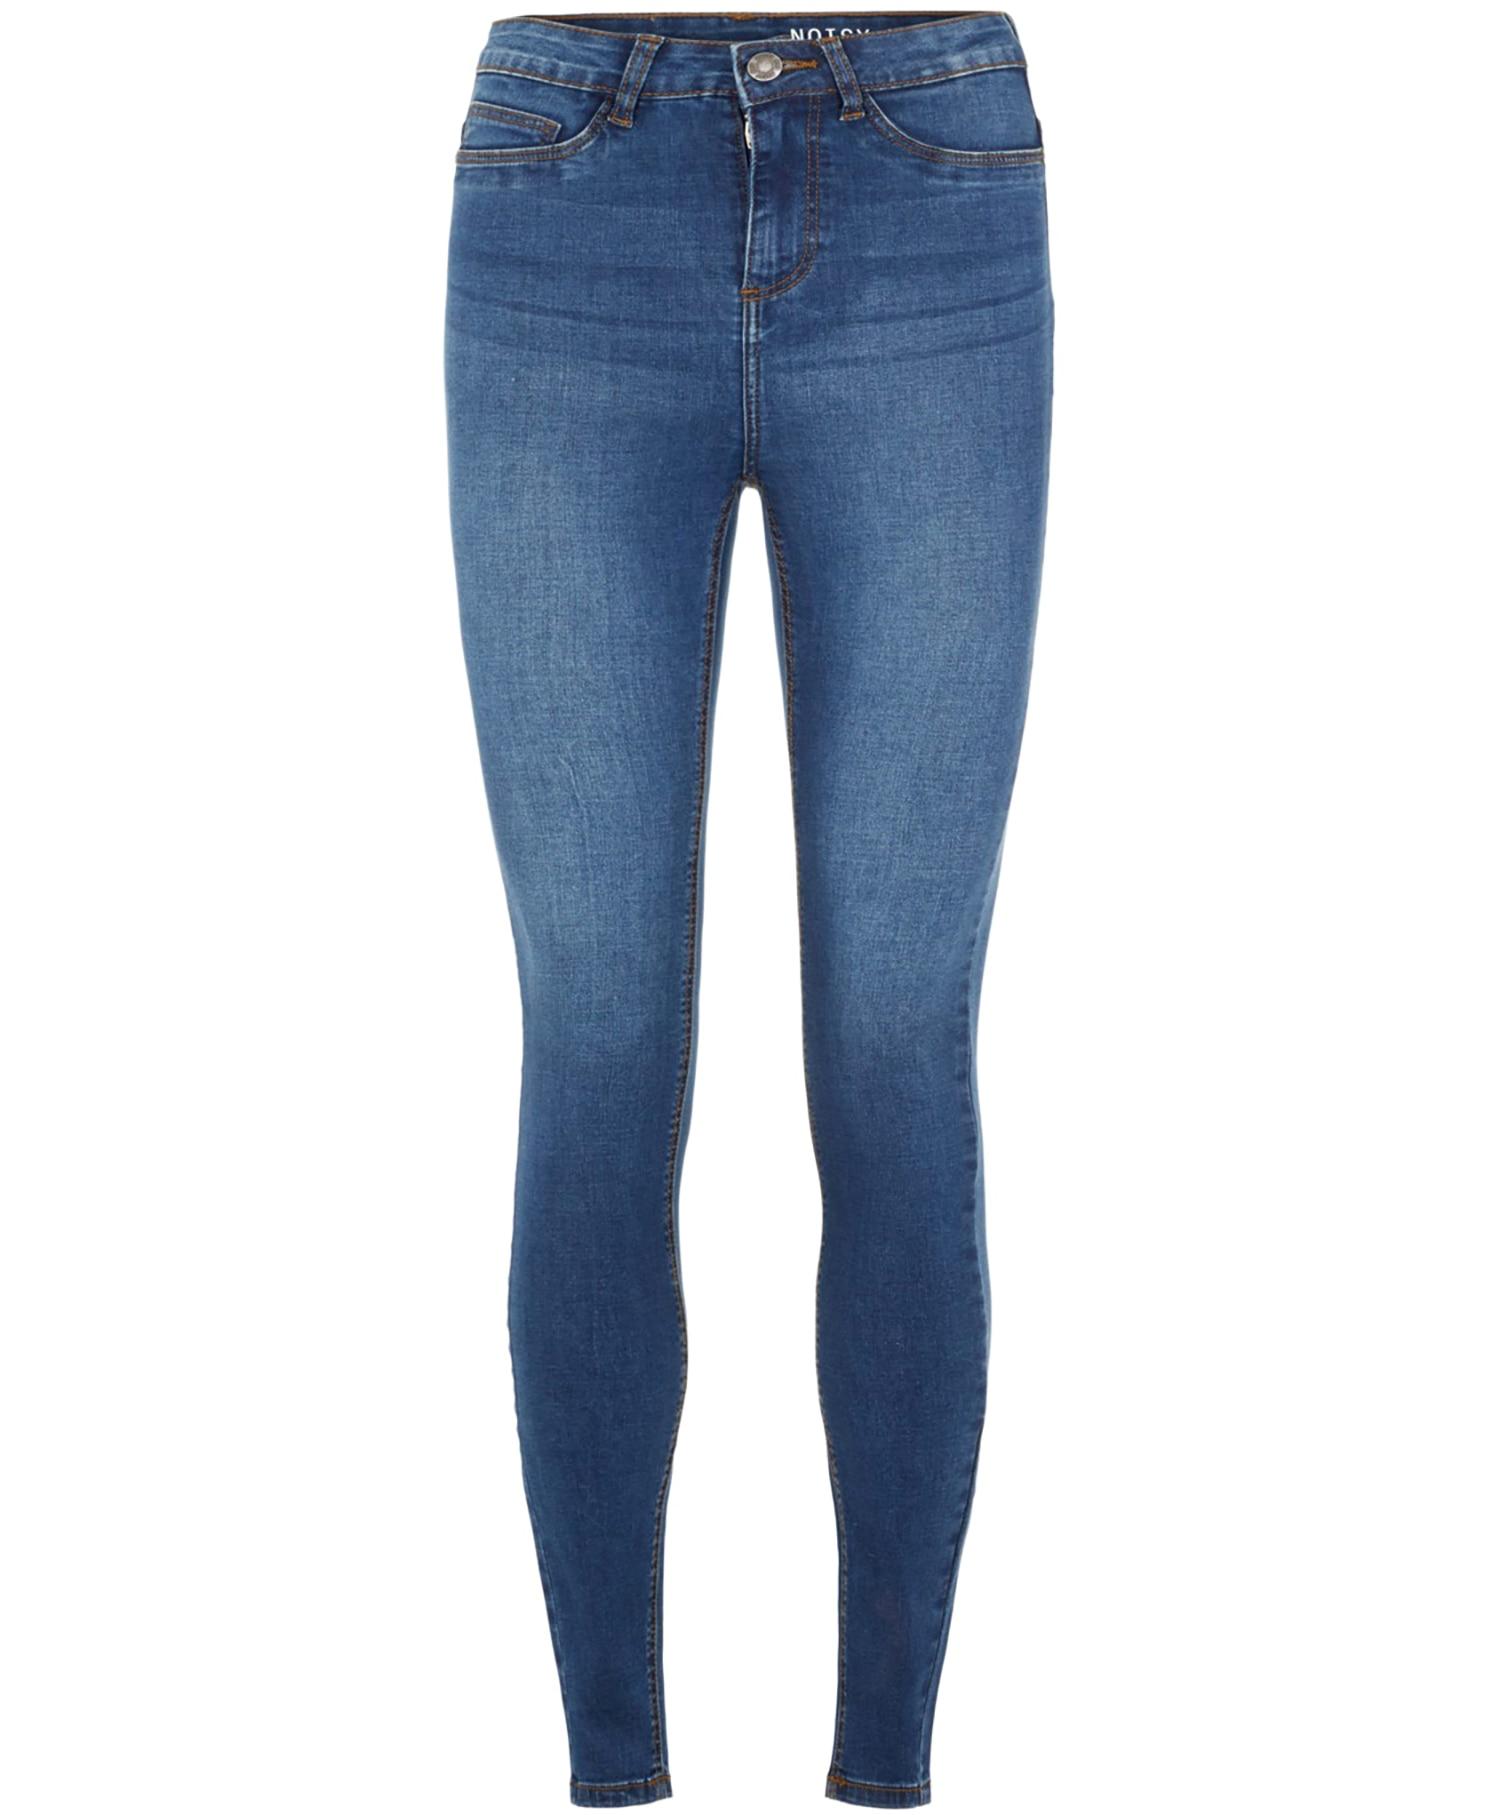 Noisy May skinny jeans HW